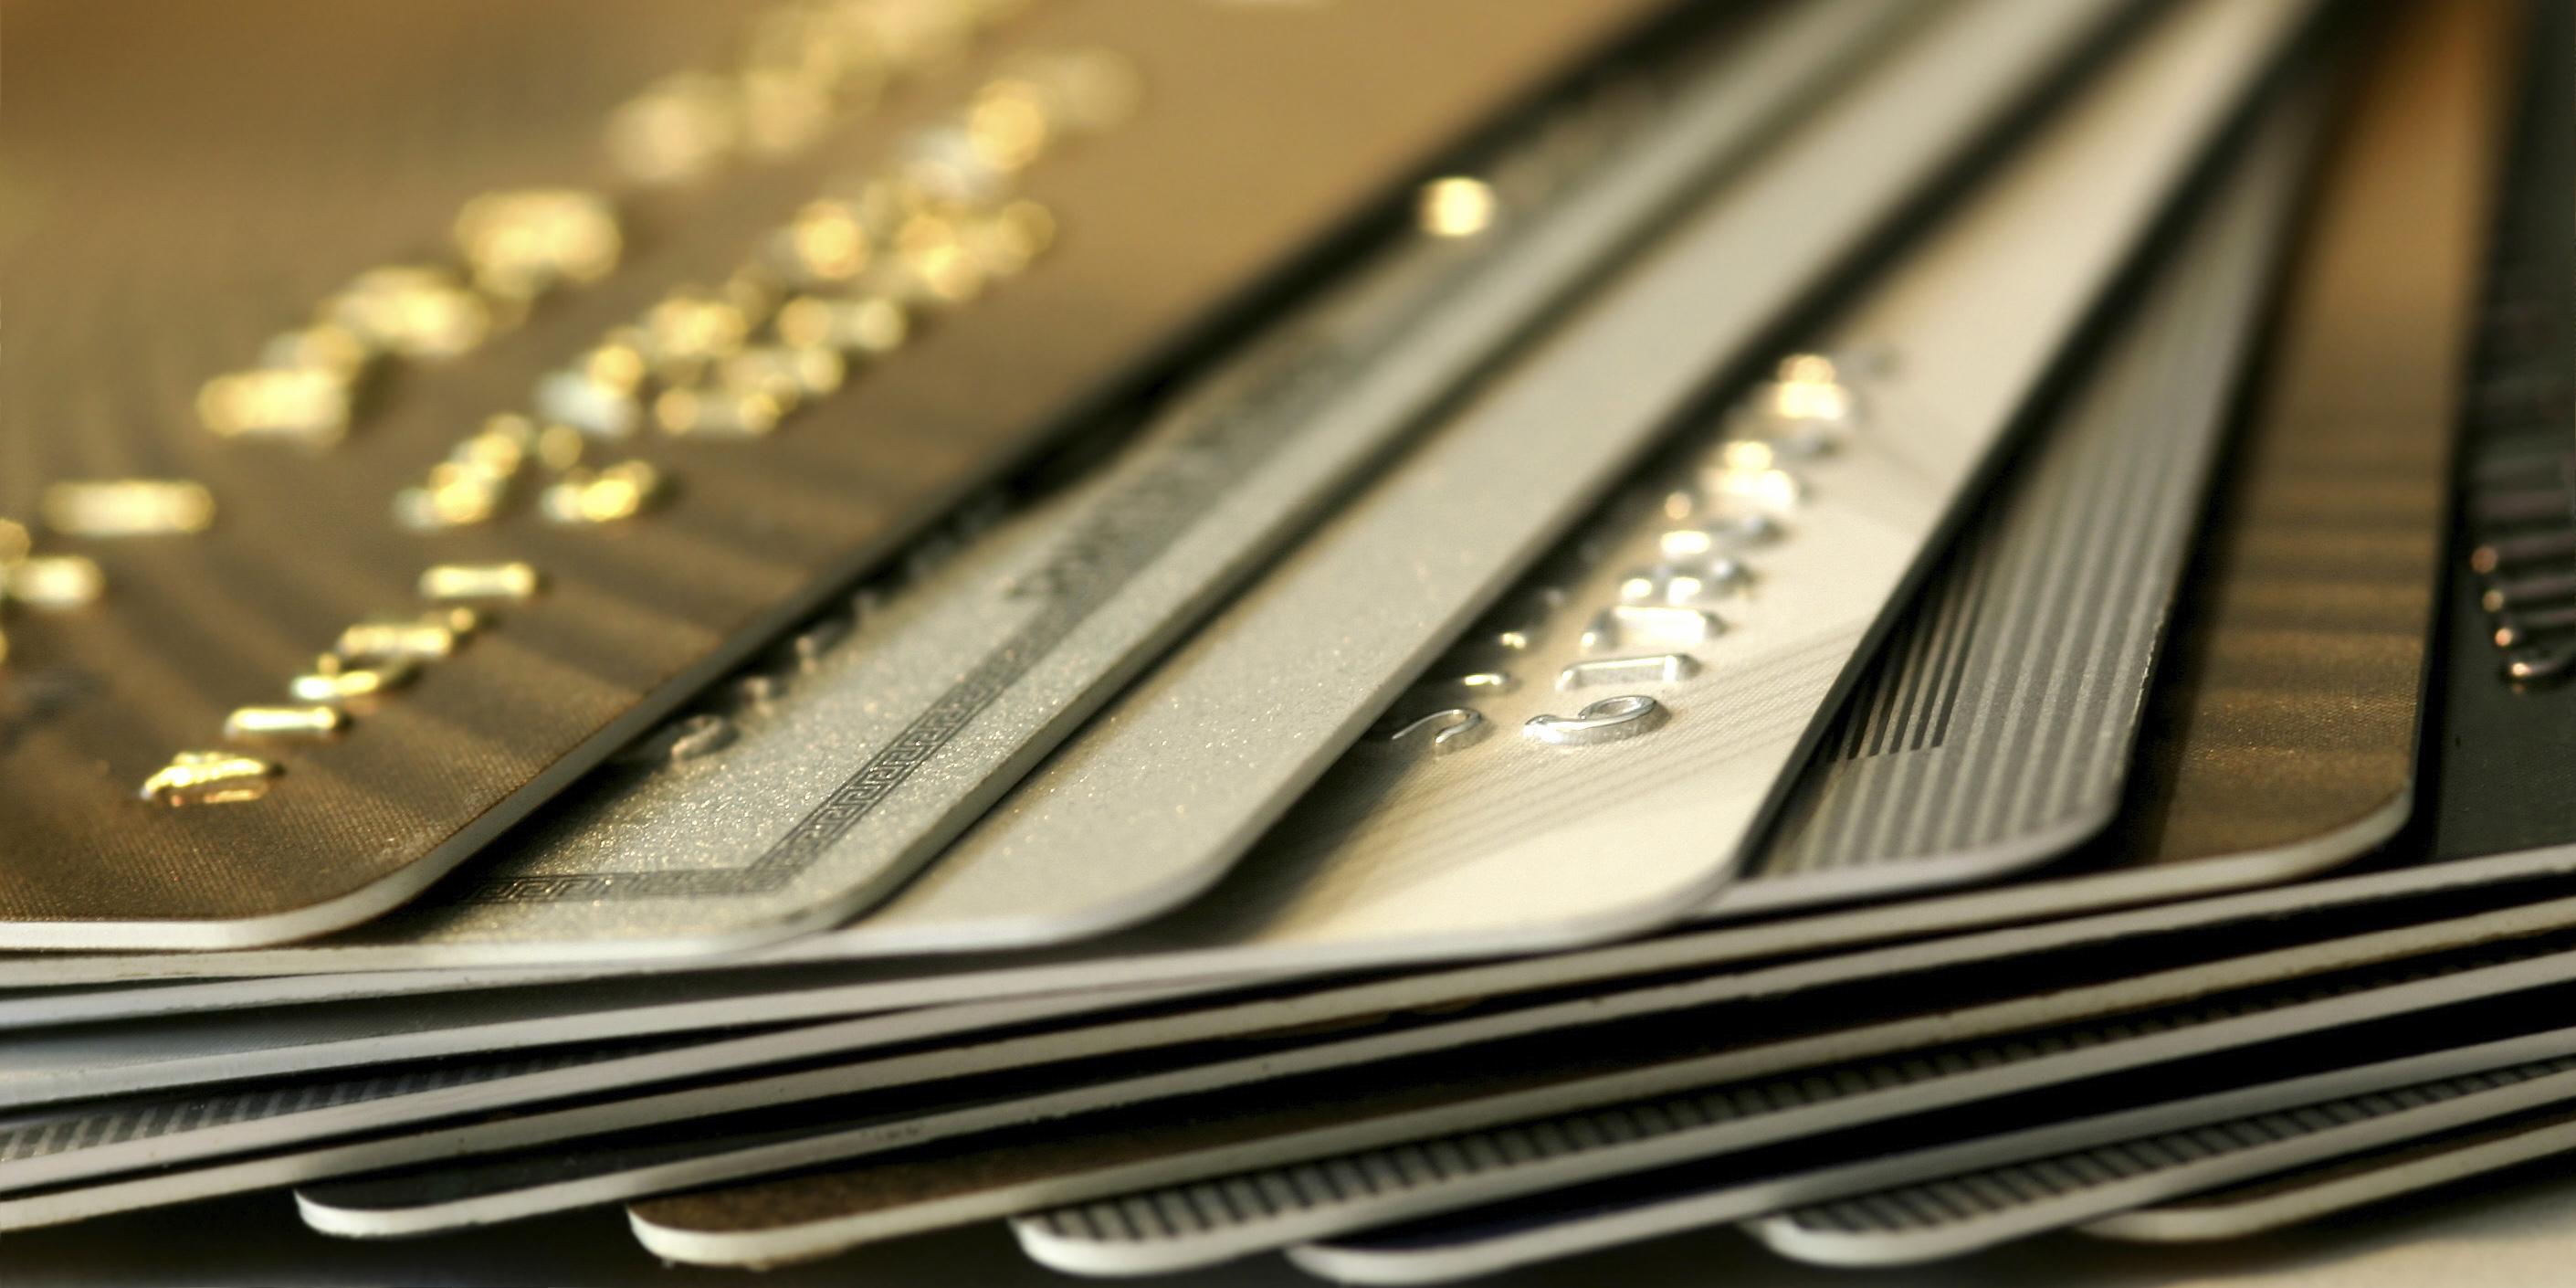 رمز خرید با کارت اعتباری